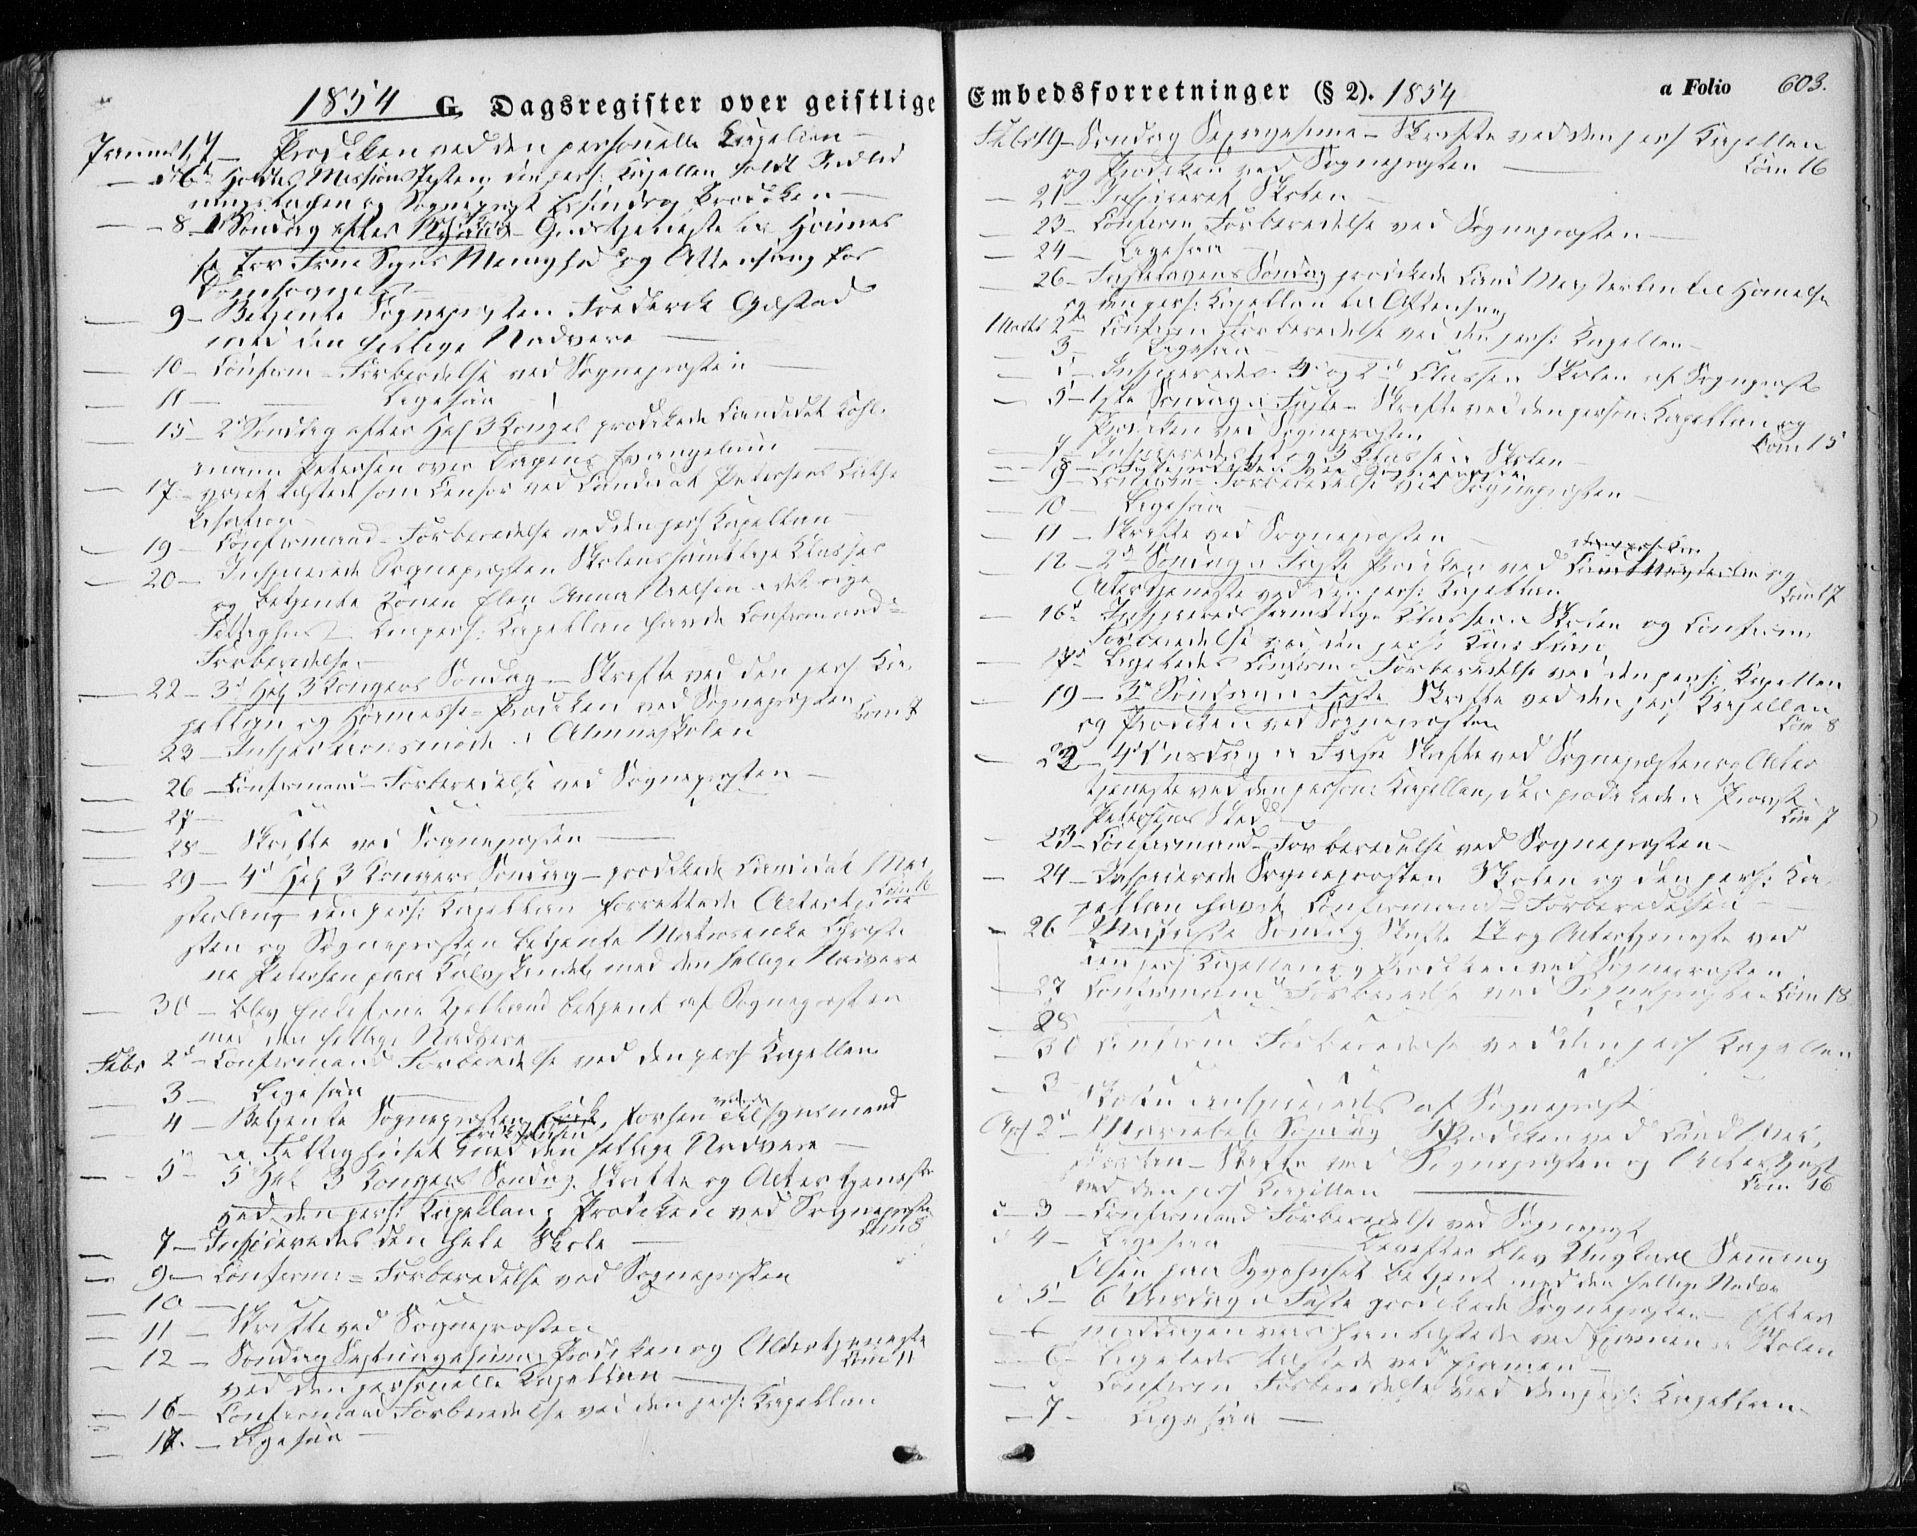 SAT, Ministerialprotokoller, klokkerbøker og fødselsregistre - Sør-Trøndelag, 601/L0051: Ministerialbok nr. 601A19, 1848-1857, s. 603